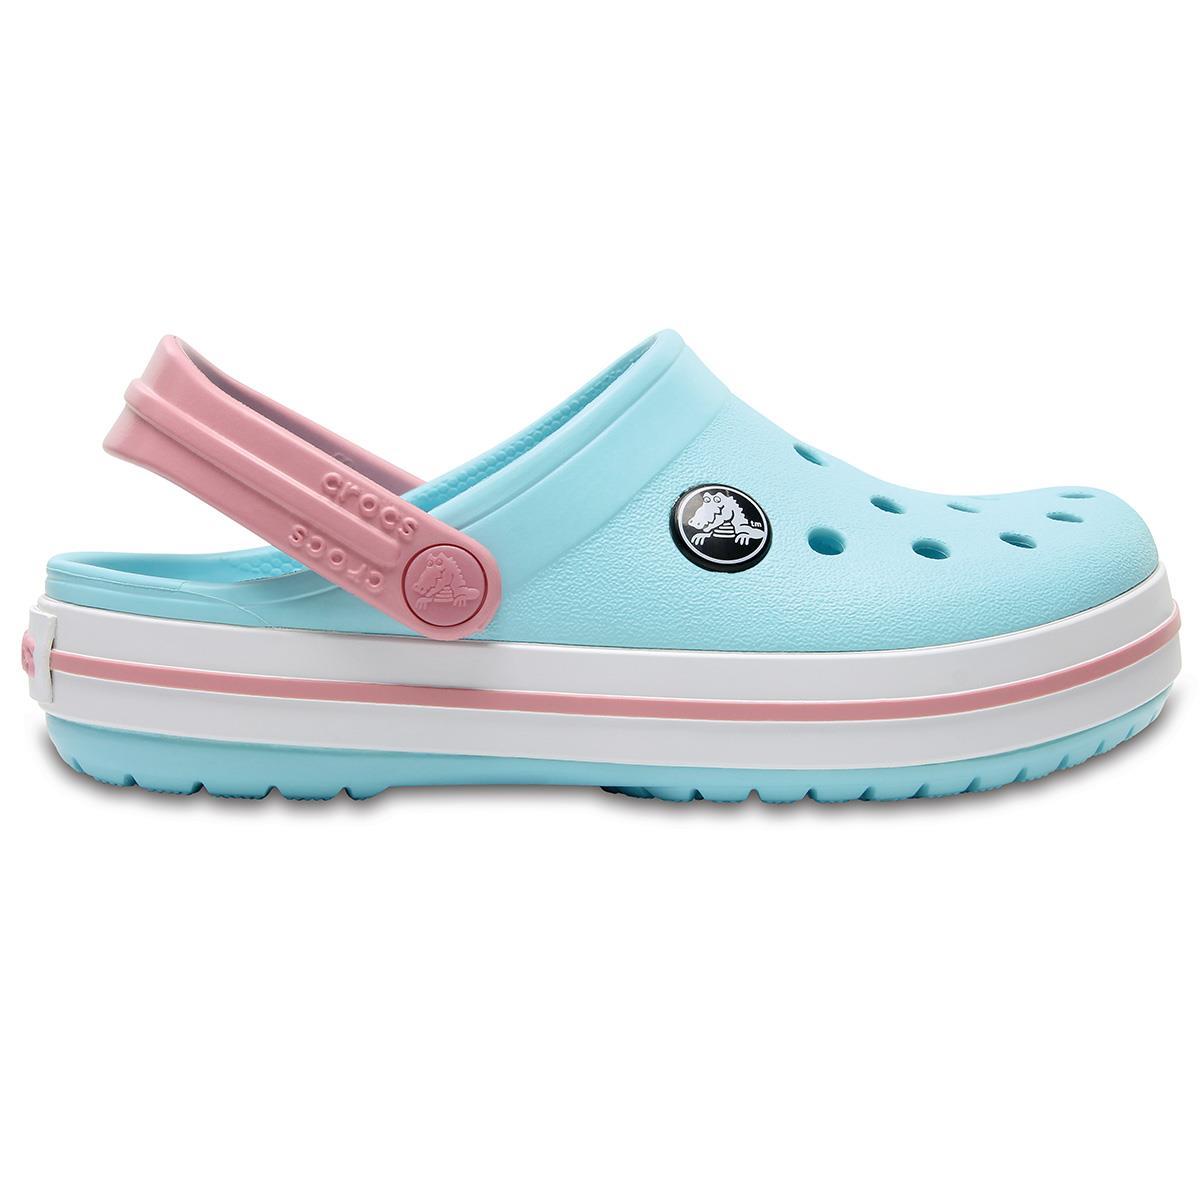 Crocs Crocband Clog K Sandalet Cr0384-4S3